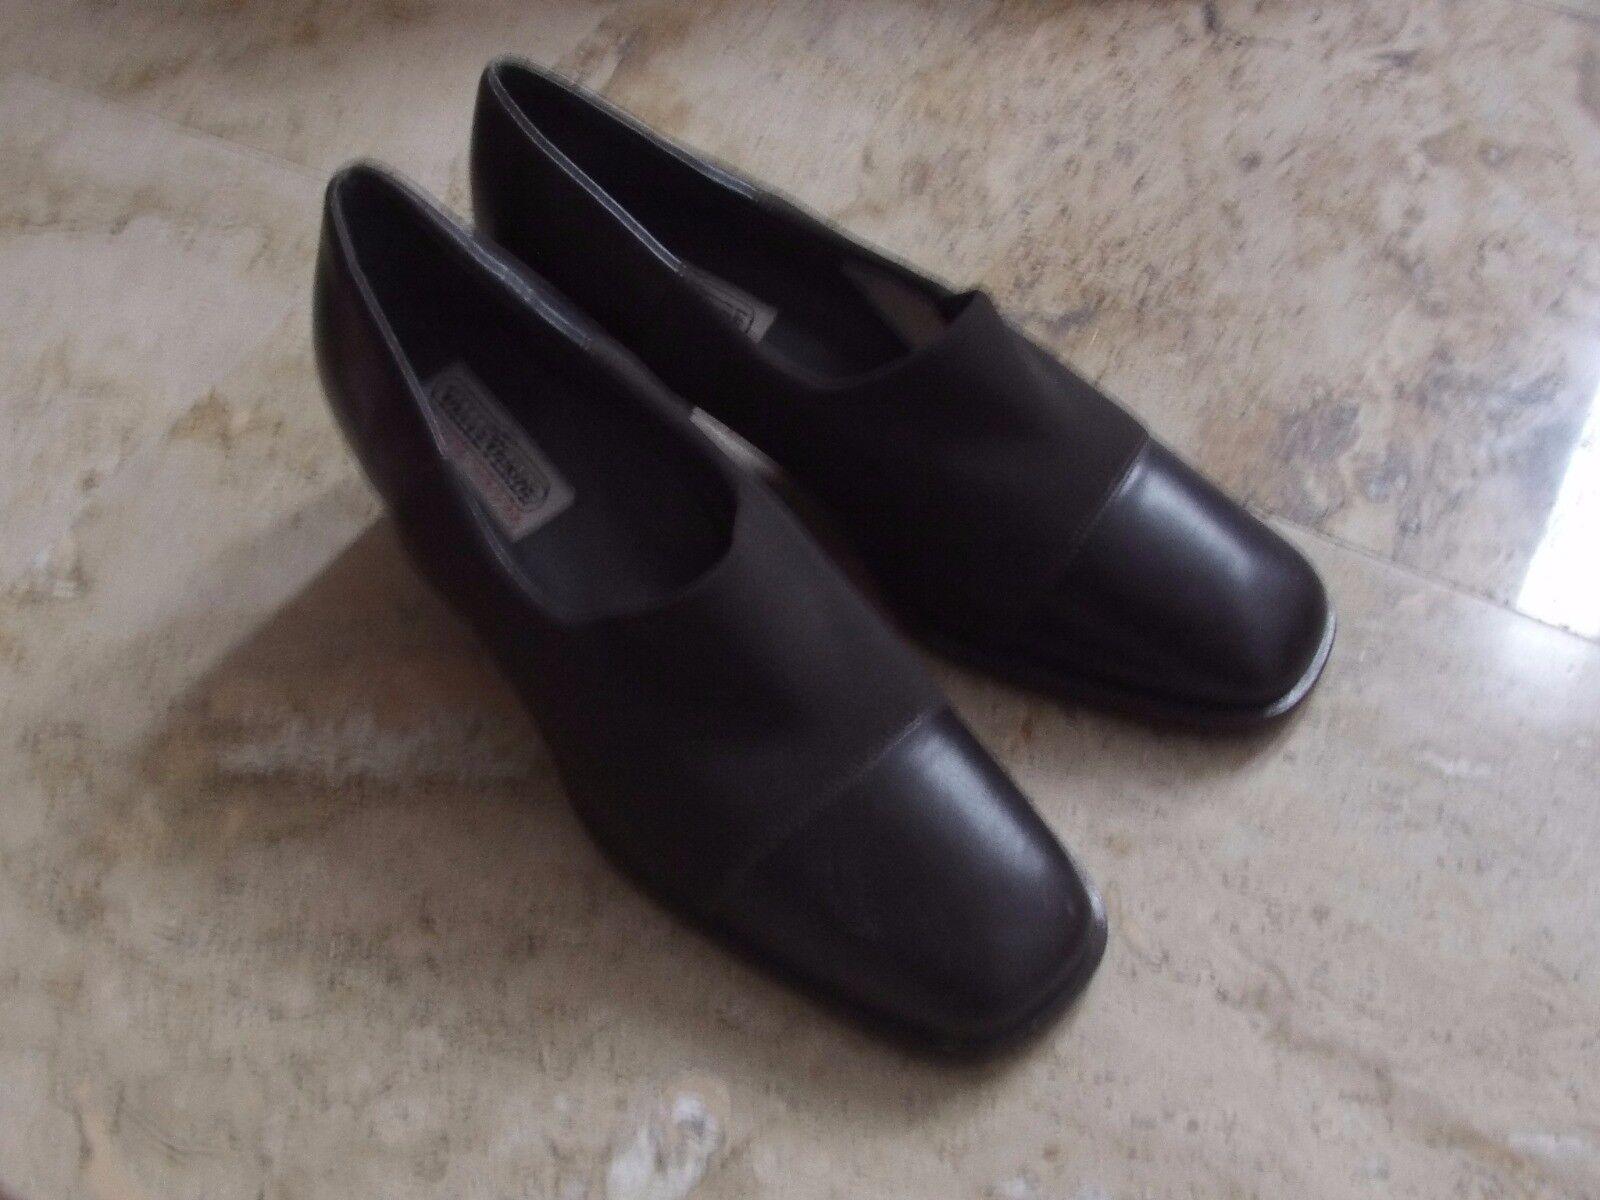 scarpe donna n. 40 Valleverde originali